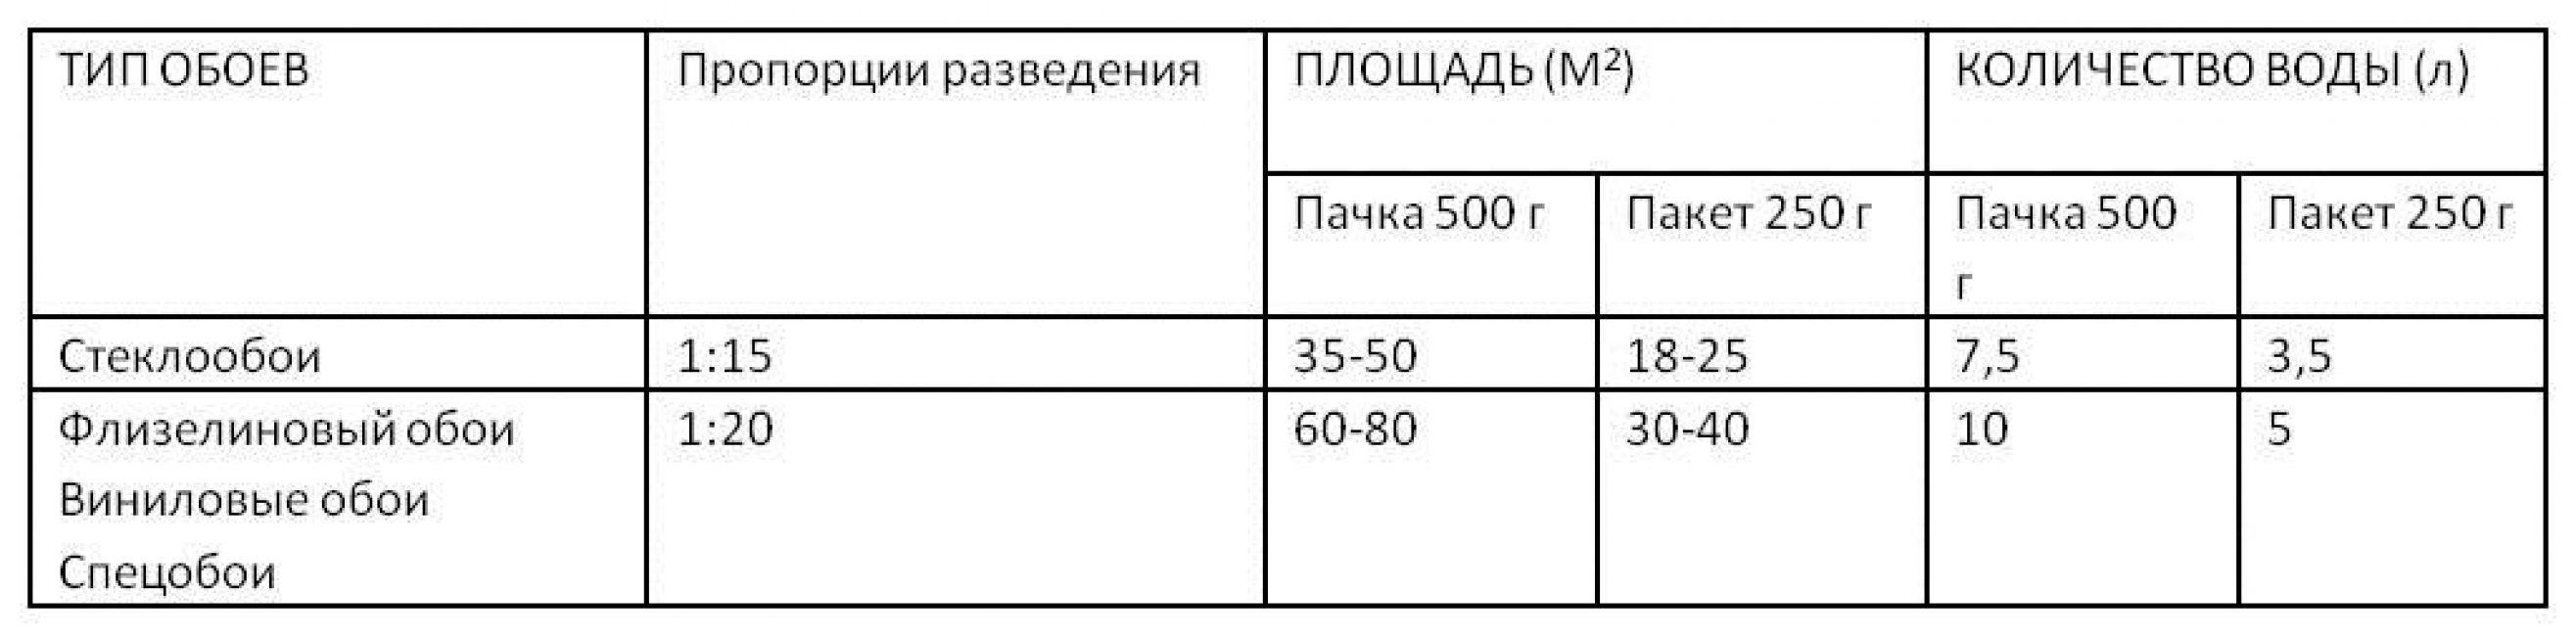 Примерная таблица по расходу средства